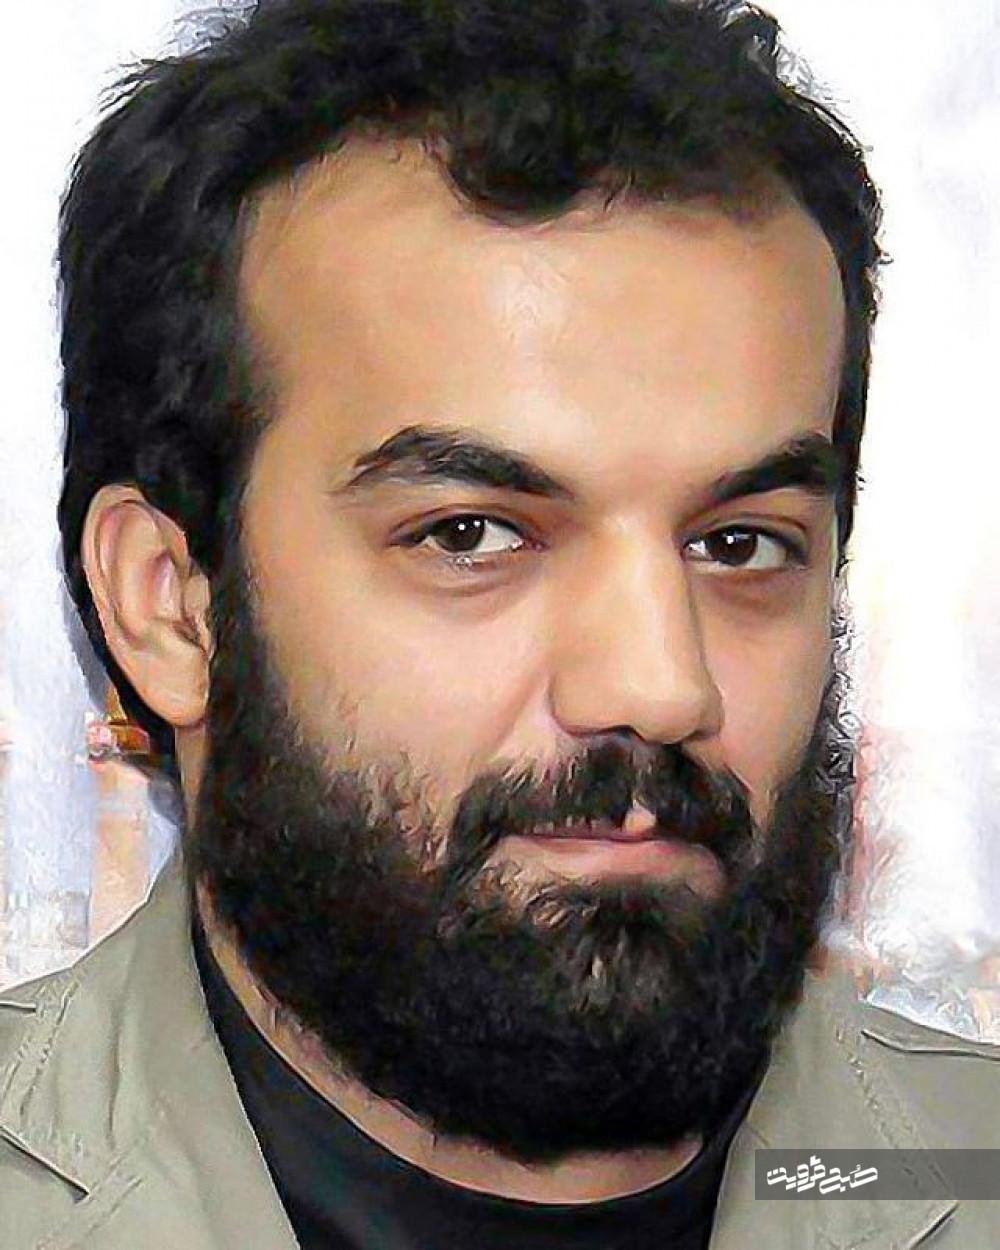 بازگشت پیکر مطهر شهید مدافع حرم به قزوین